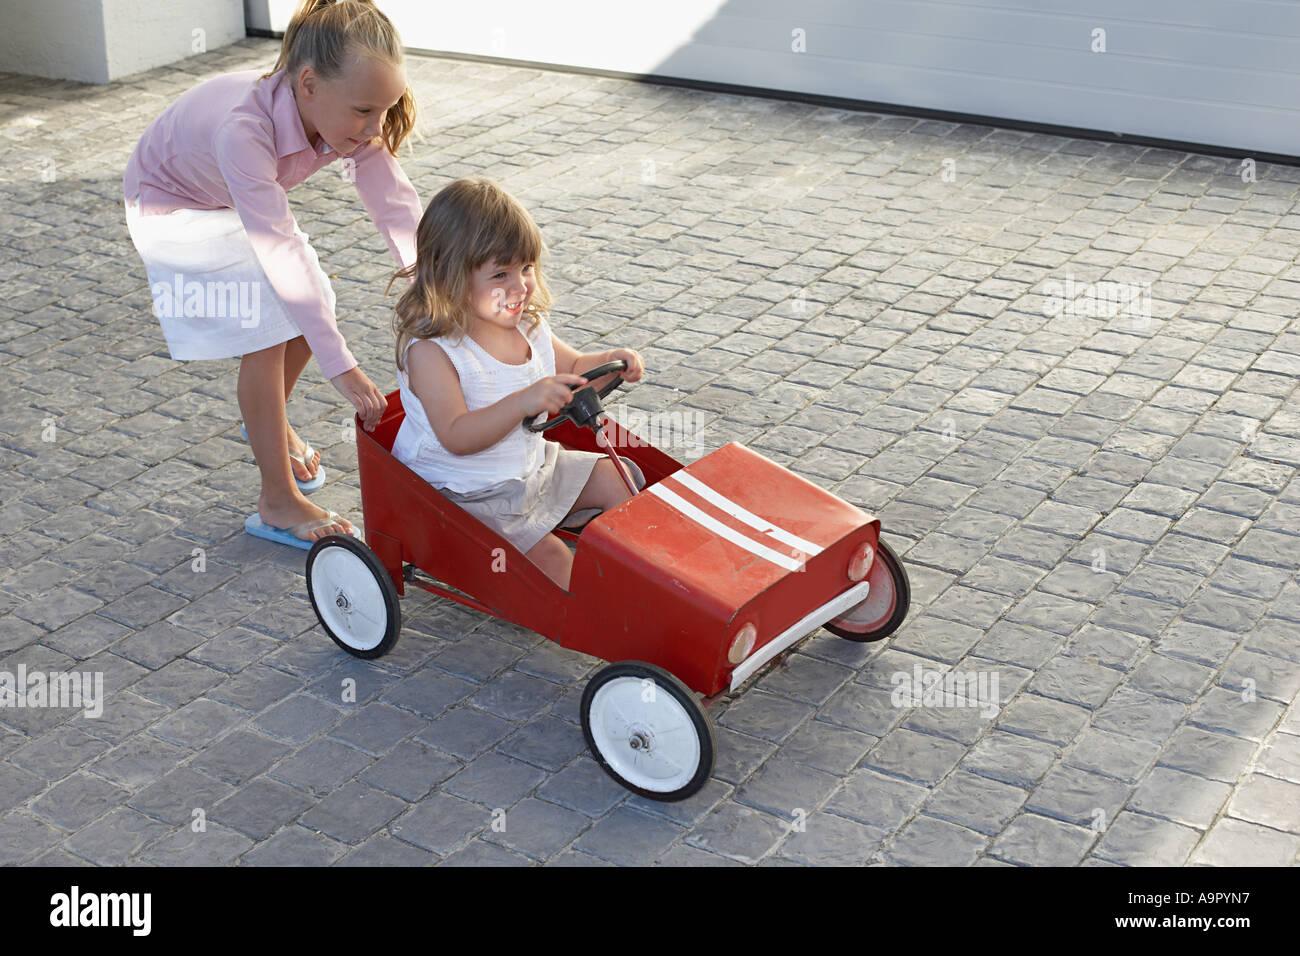 Sœur de pousser sa sœur dans une petite voiture Photo Stock